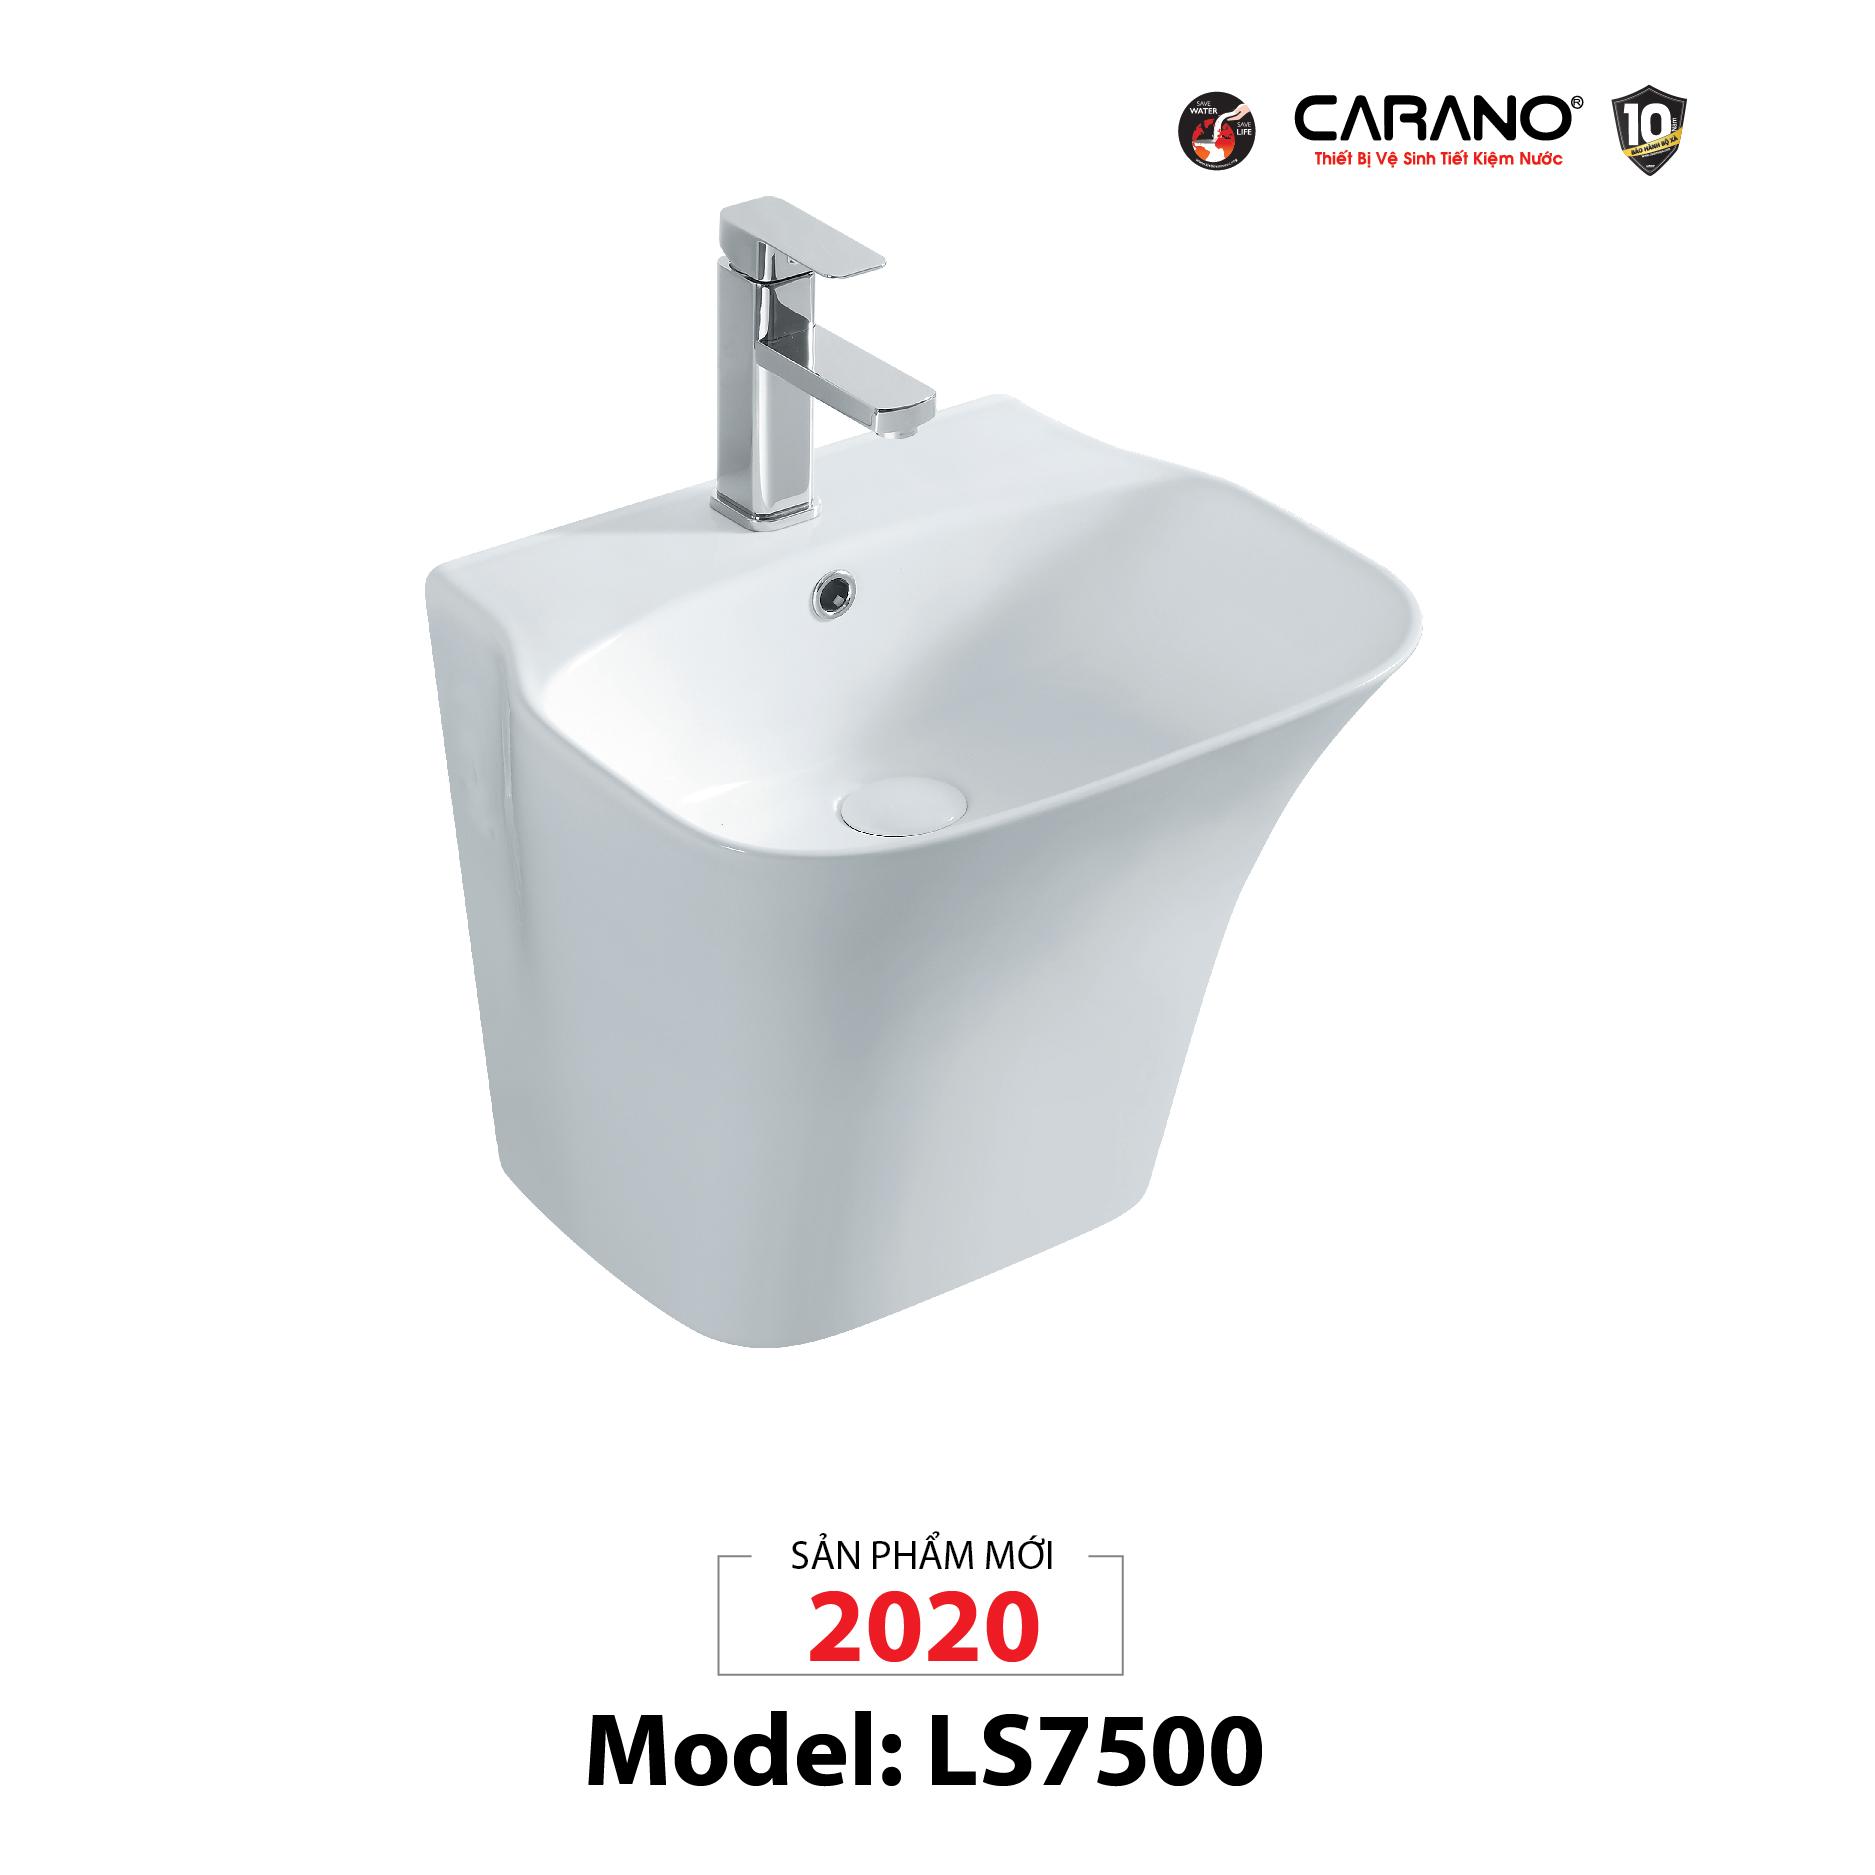 LAVABO TREO TƯỜNG CARANO MODEL LS7500 (MODEL LS7500)